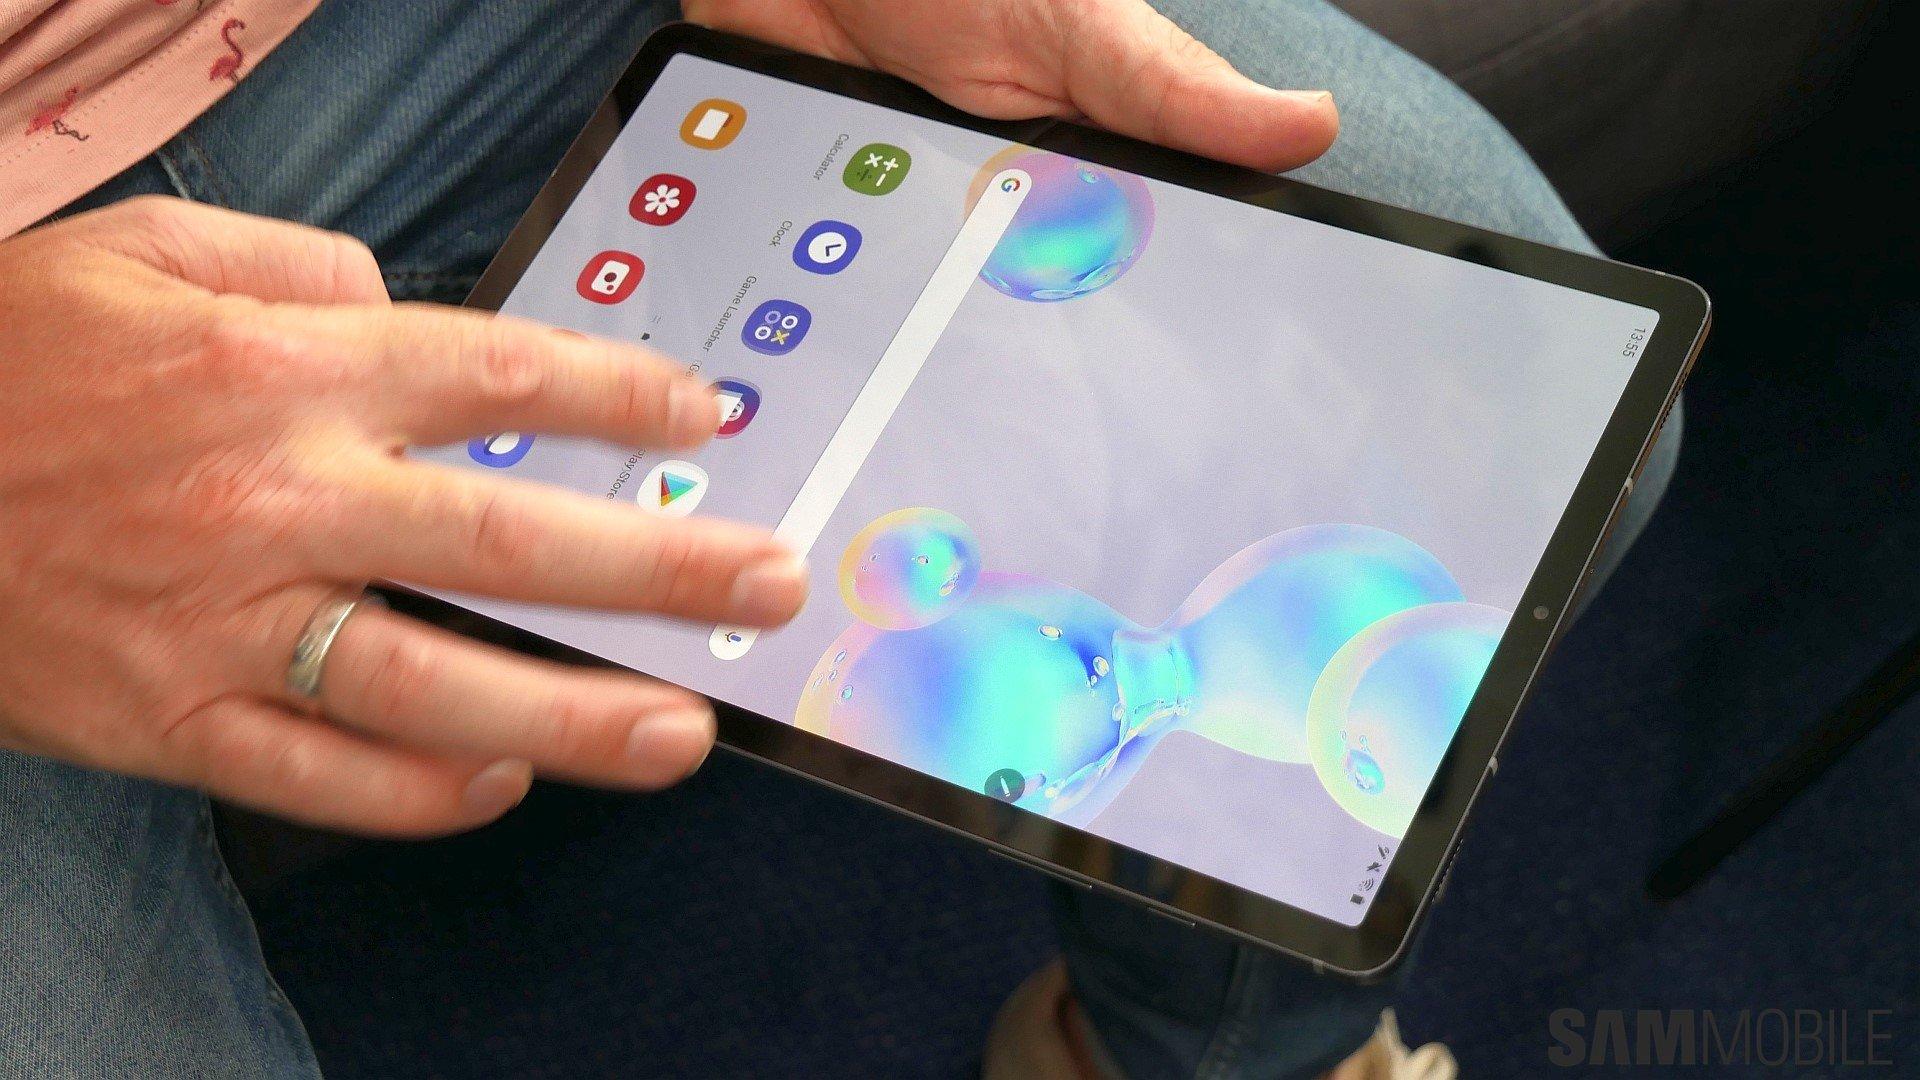 Samsung Galaxy Đánh giá Tab S6: máy tính bảng Android tốt nhất năm 2019 13